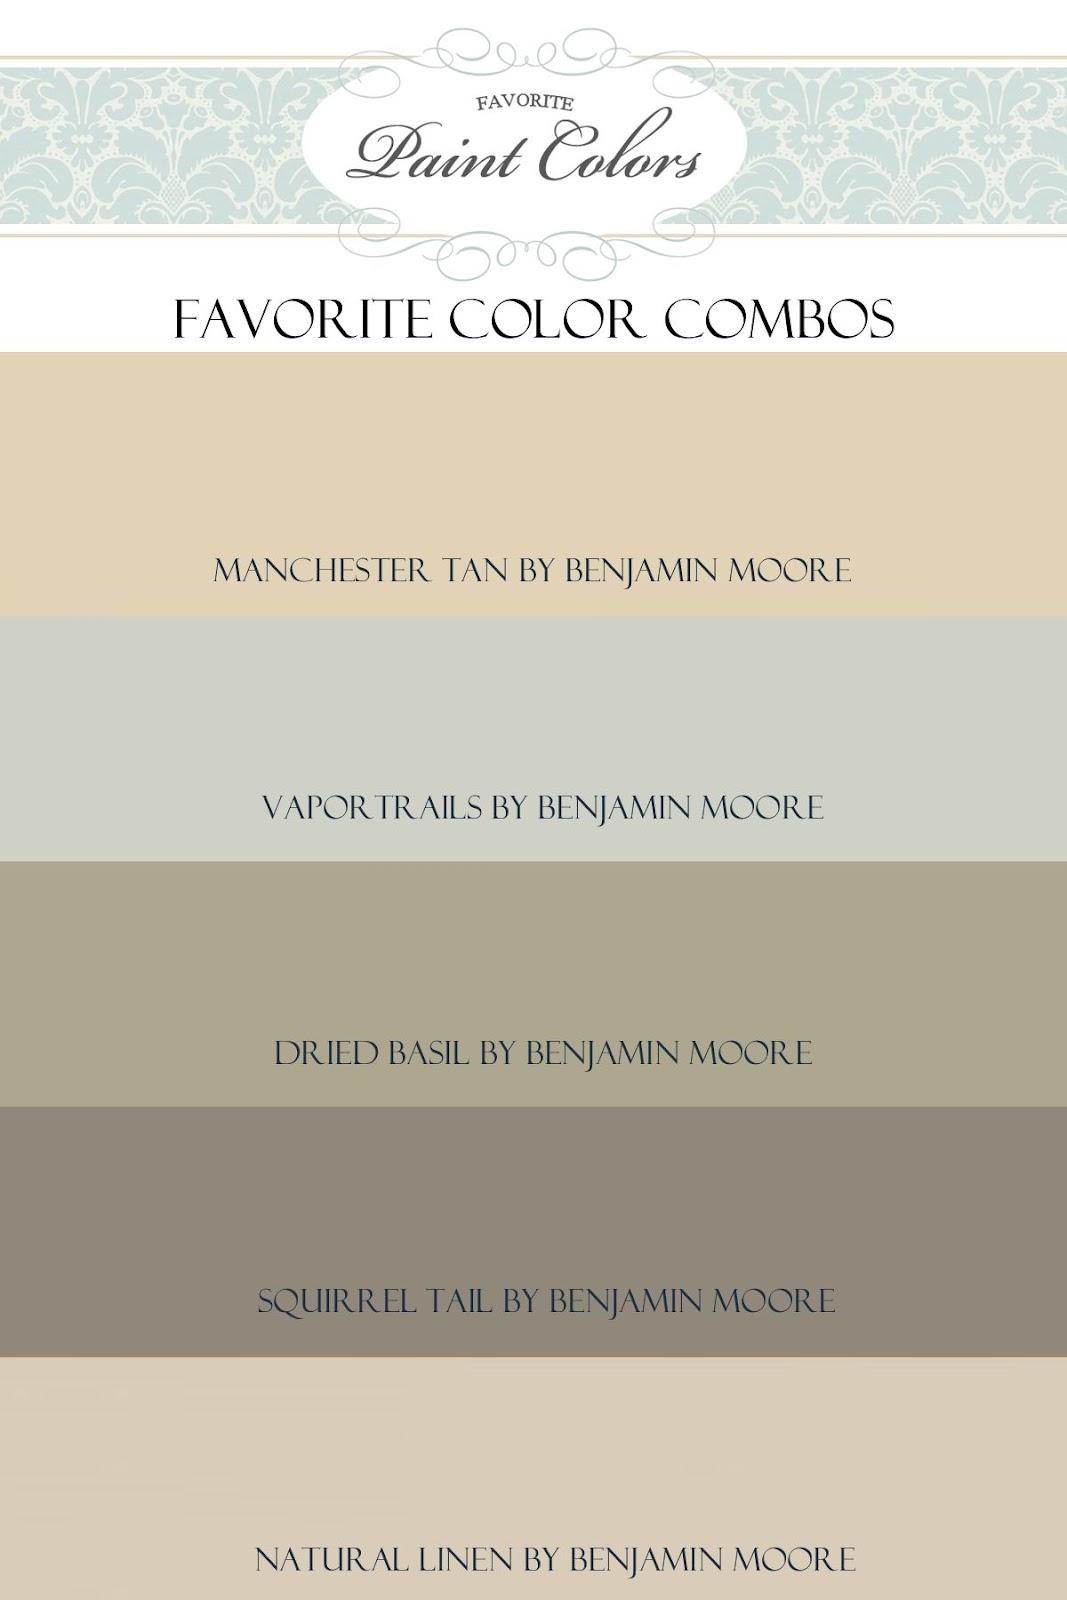 Favorite Paint Colors: June 2012